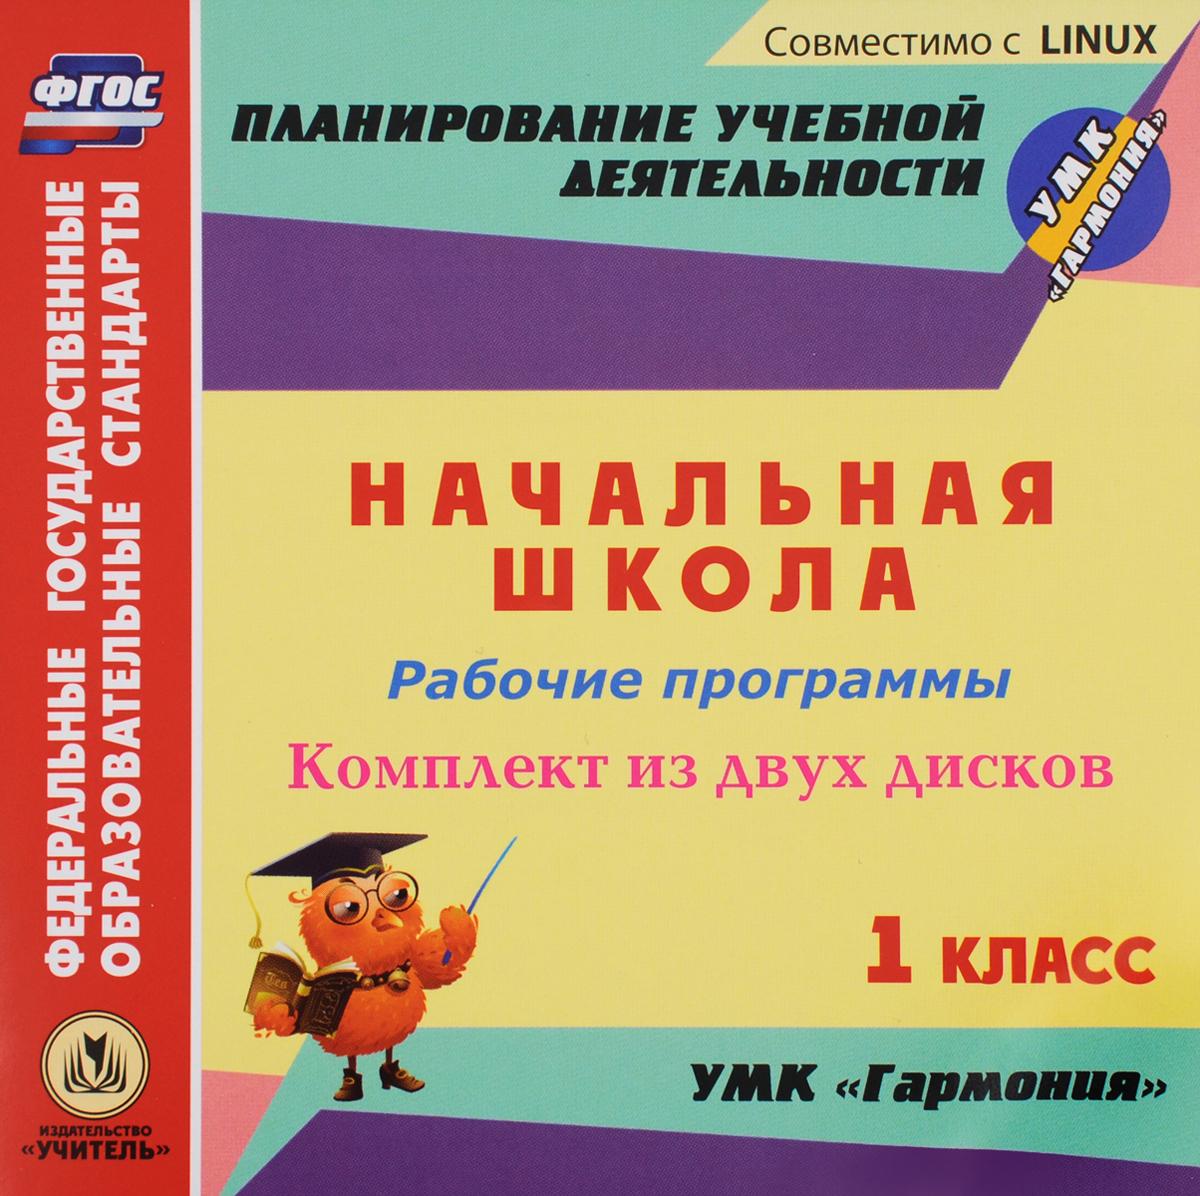 Рабочие программы. УМК Гармония. 1 класс. Русский язык. Математика. Литературное чтение. Окружающий мир. Музыка. Технология. Изобразительное искусство. Физическая культура (2 CD)